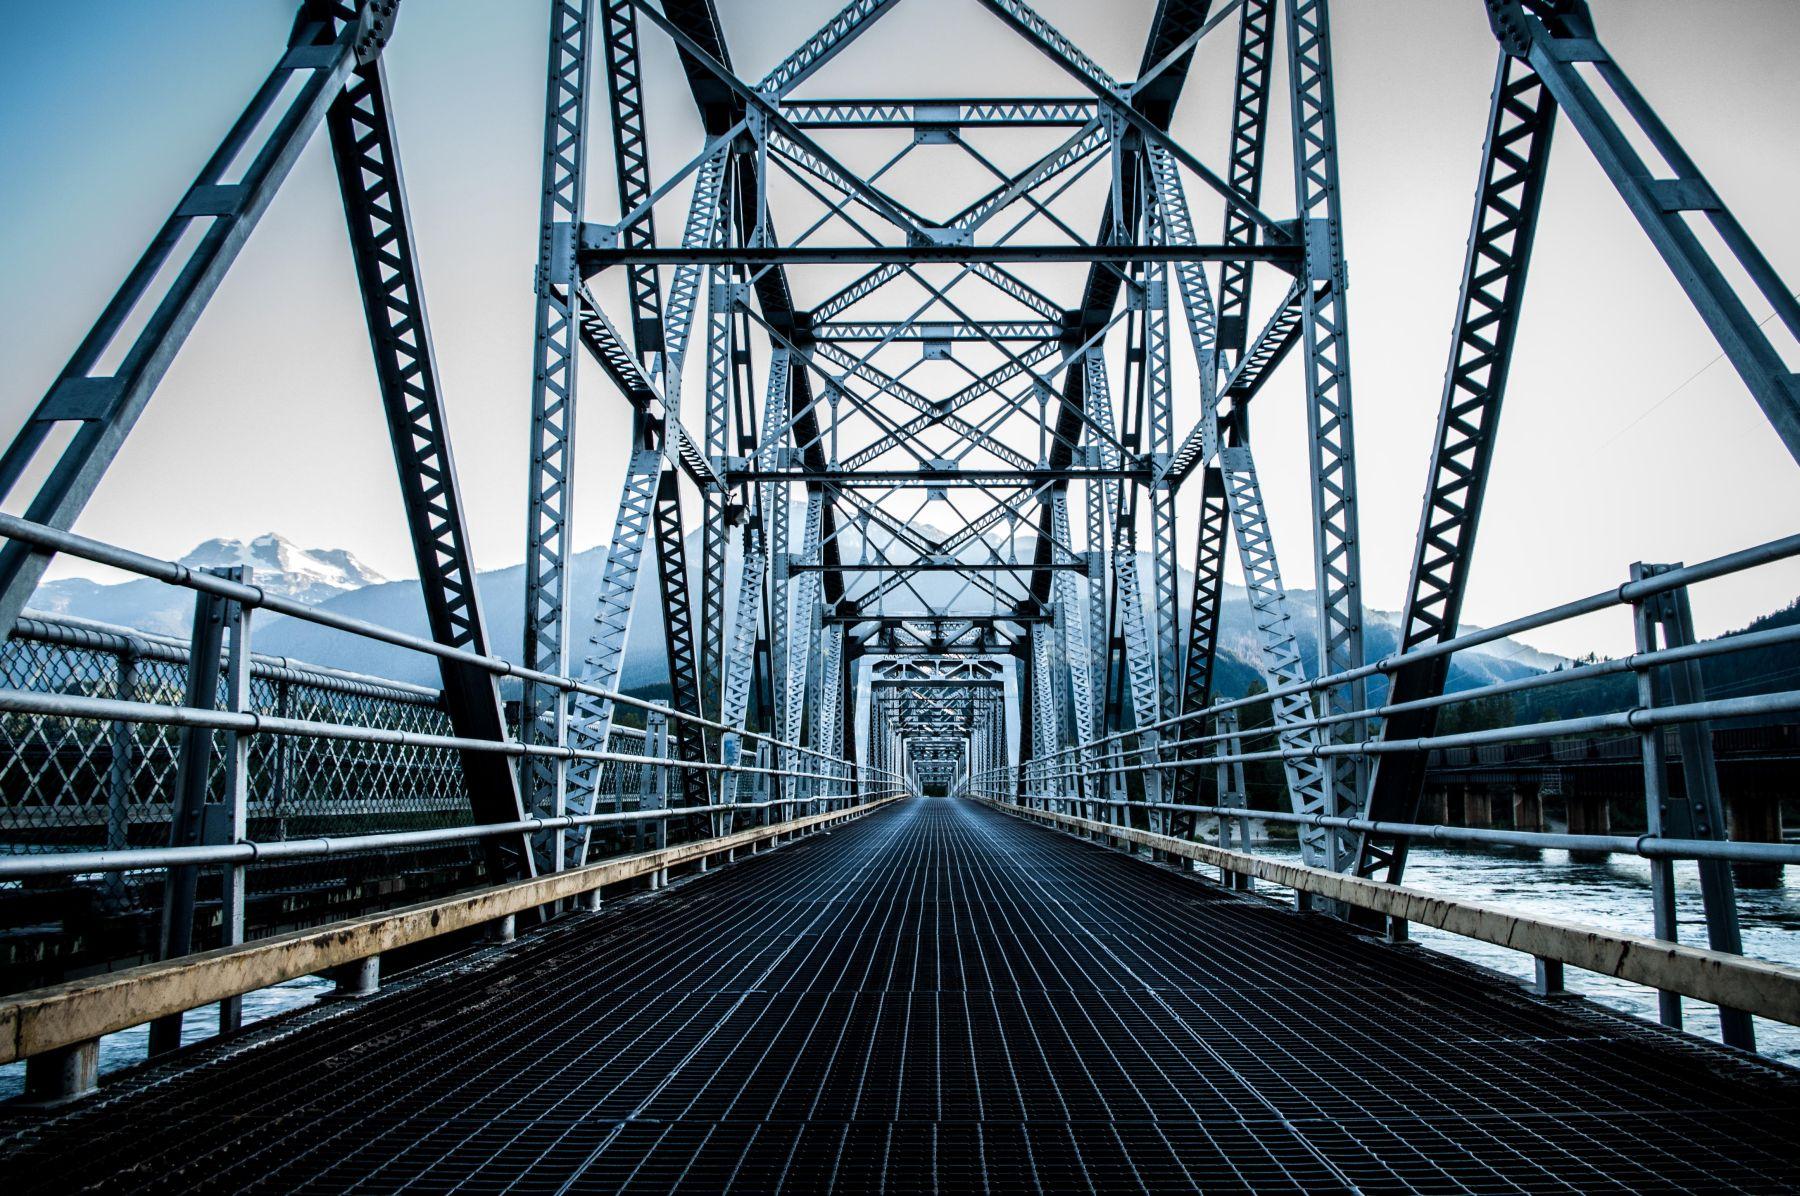 Eine Eisenbahnbrücke in Kanada